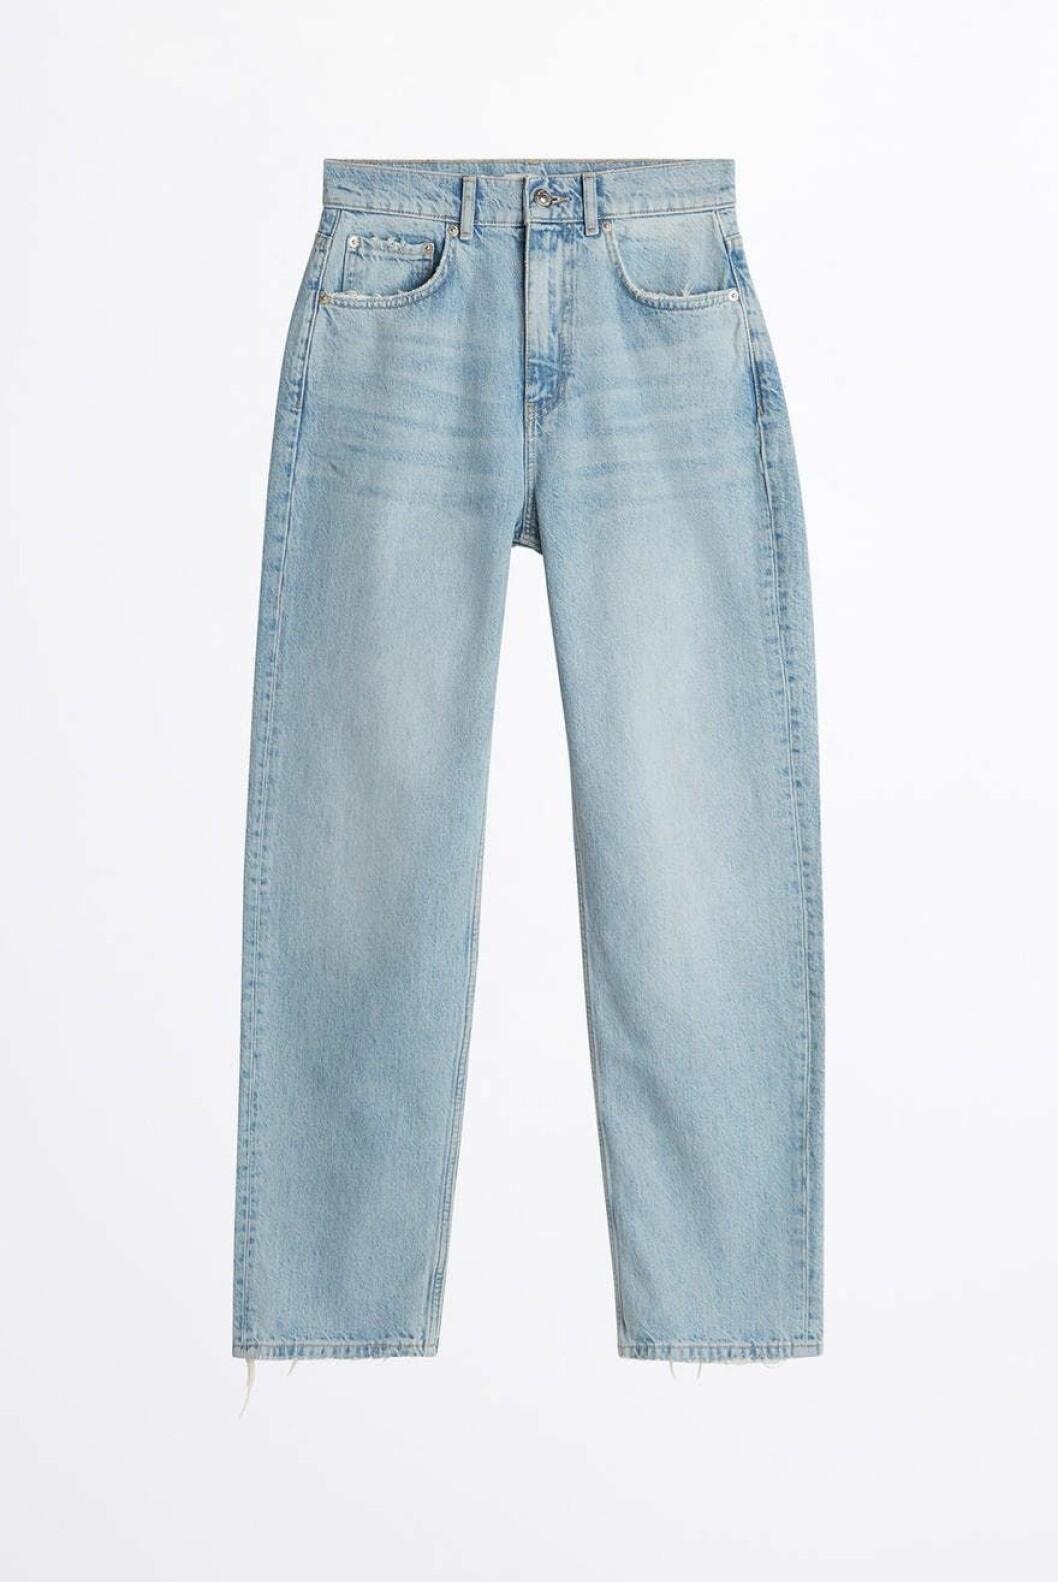 Ljusa jeans i rak modell med hög midja från Gina Tricot. Bär dem med precis vad som helst!